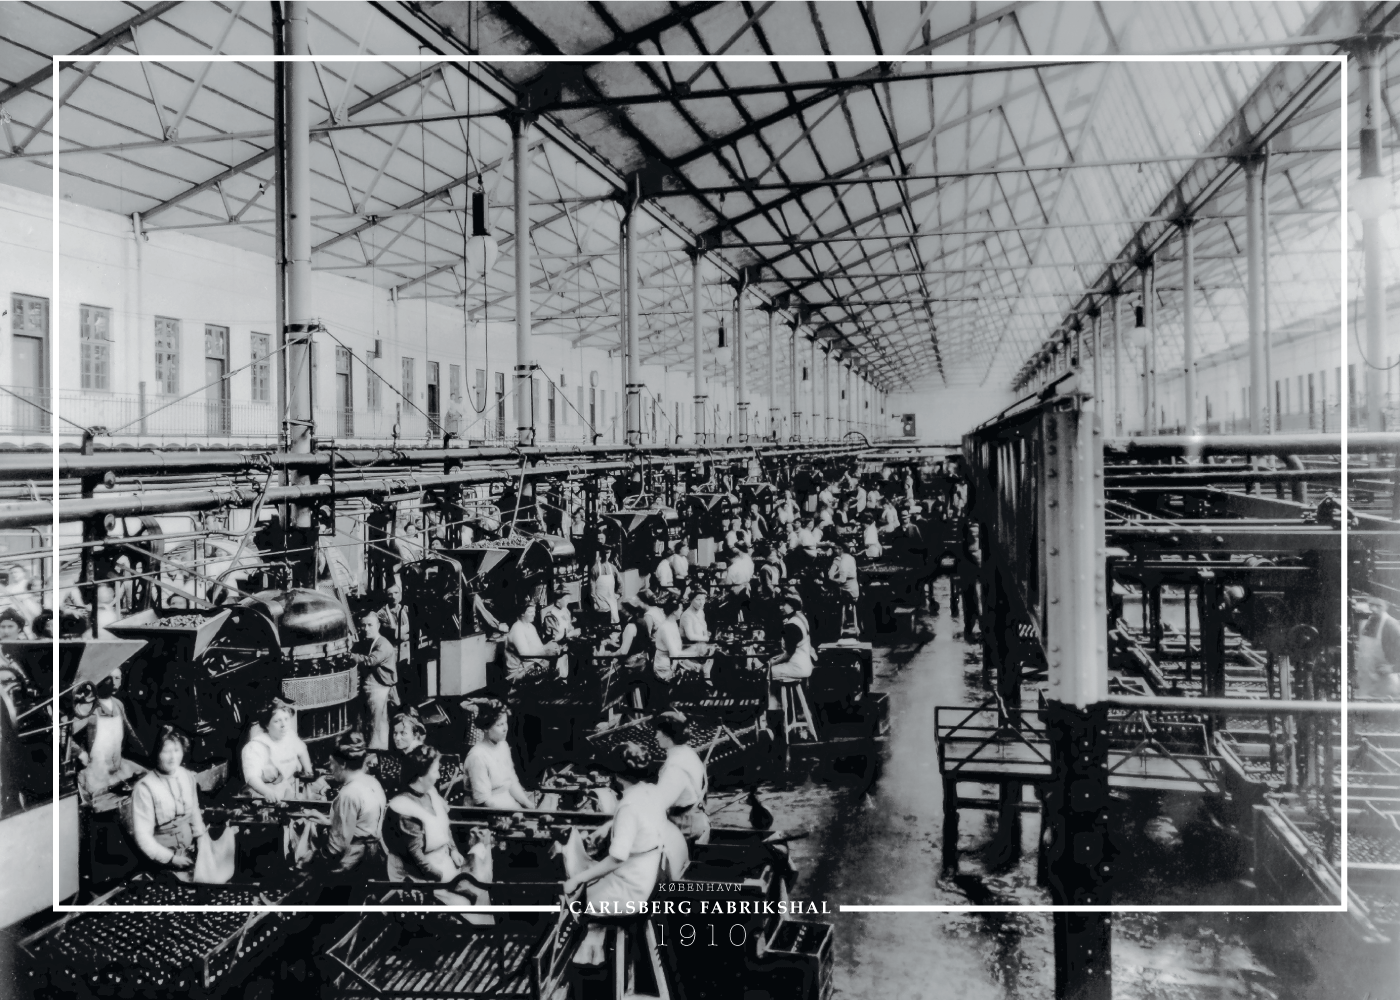 Billede af Carlsberg fabrikshal - Gamle billeder af København plakat